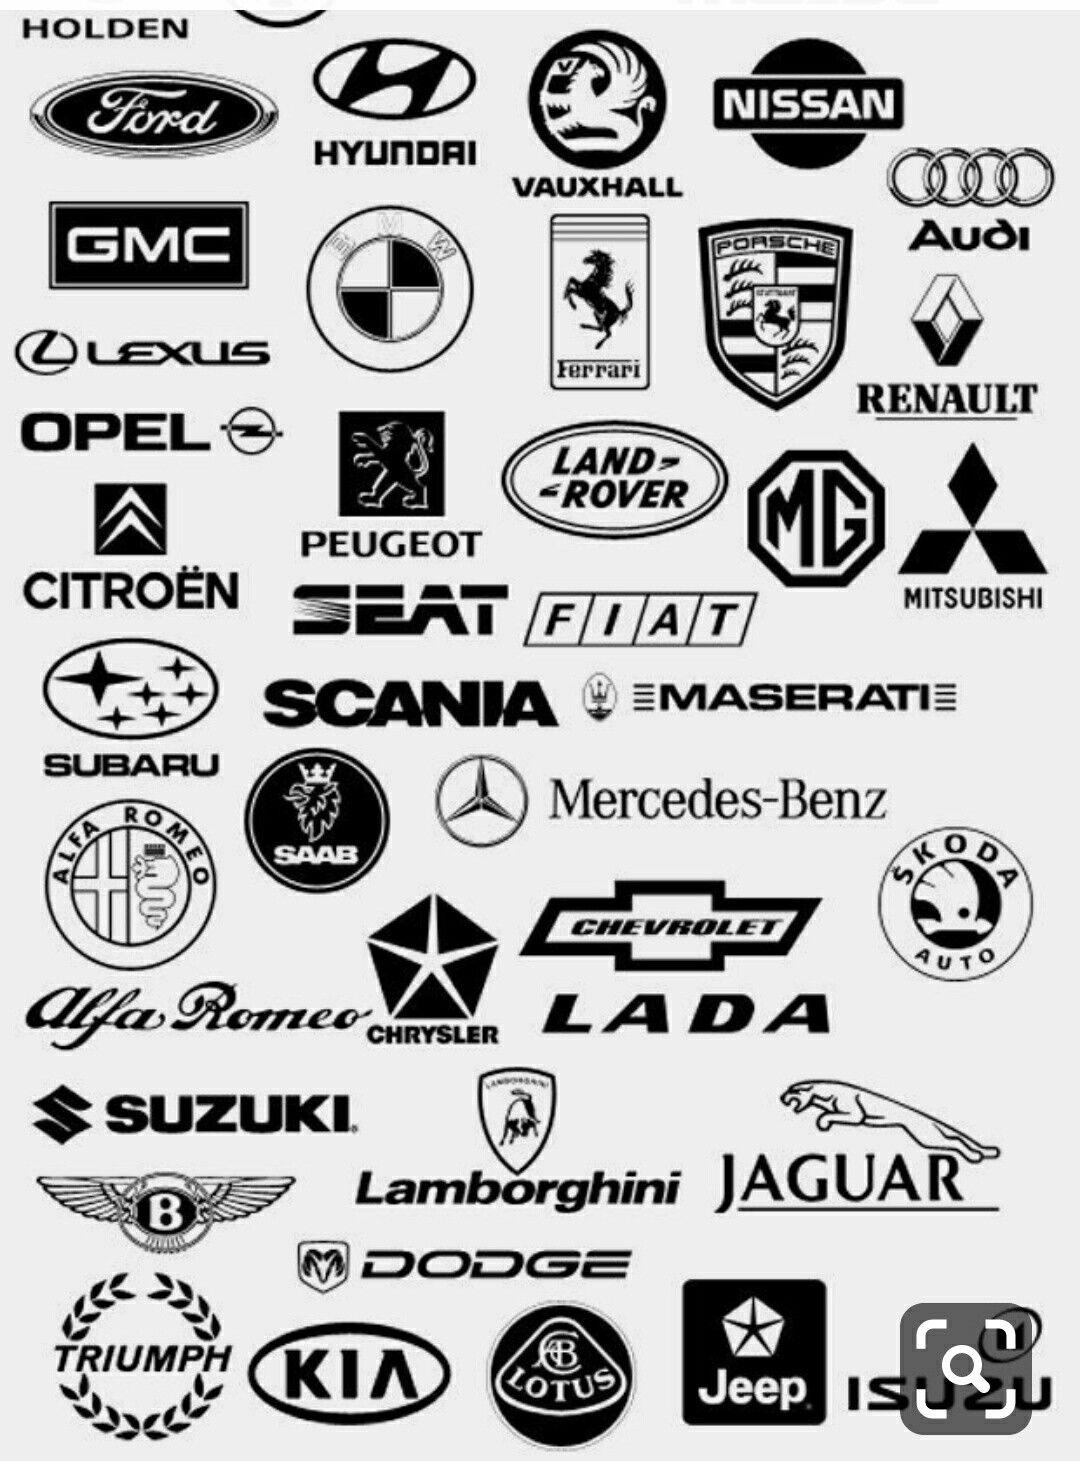 Pin by Veena Sejwal on tanish kumar logo Car logos, Car